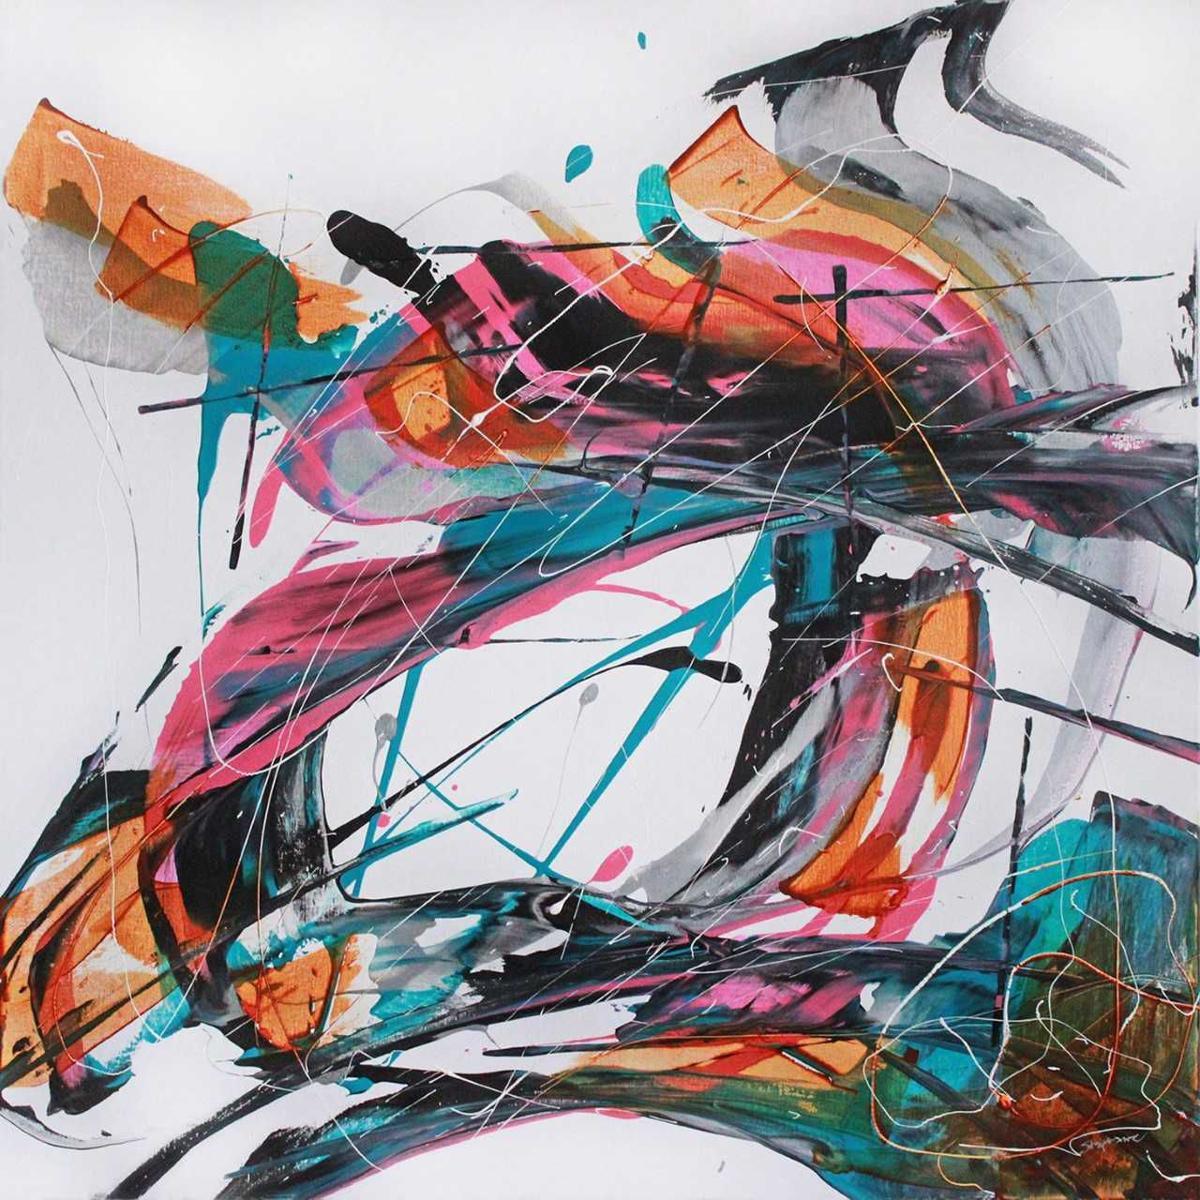 Sweet Dreams by Stephanie Holznecht